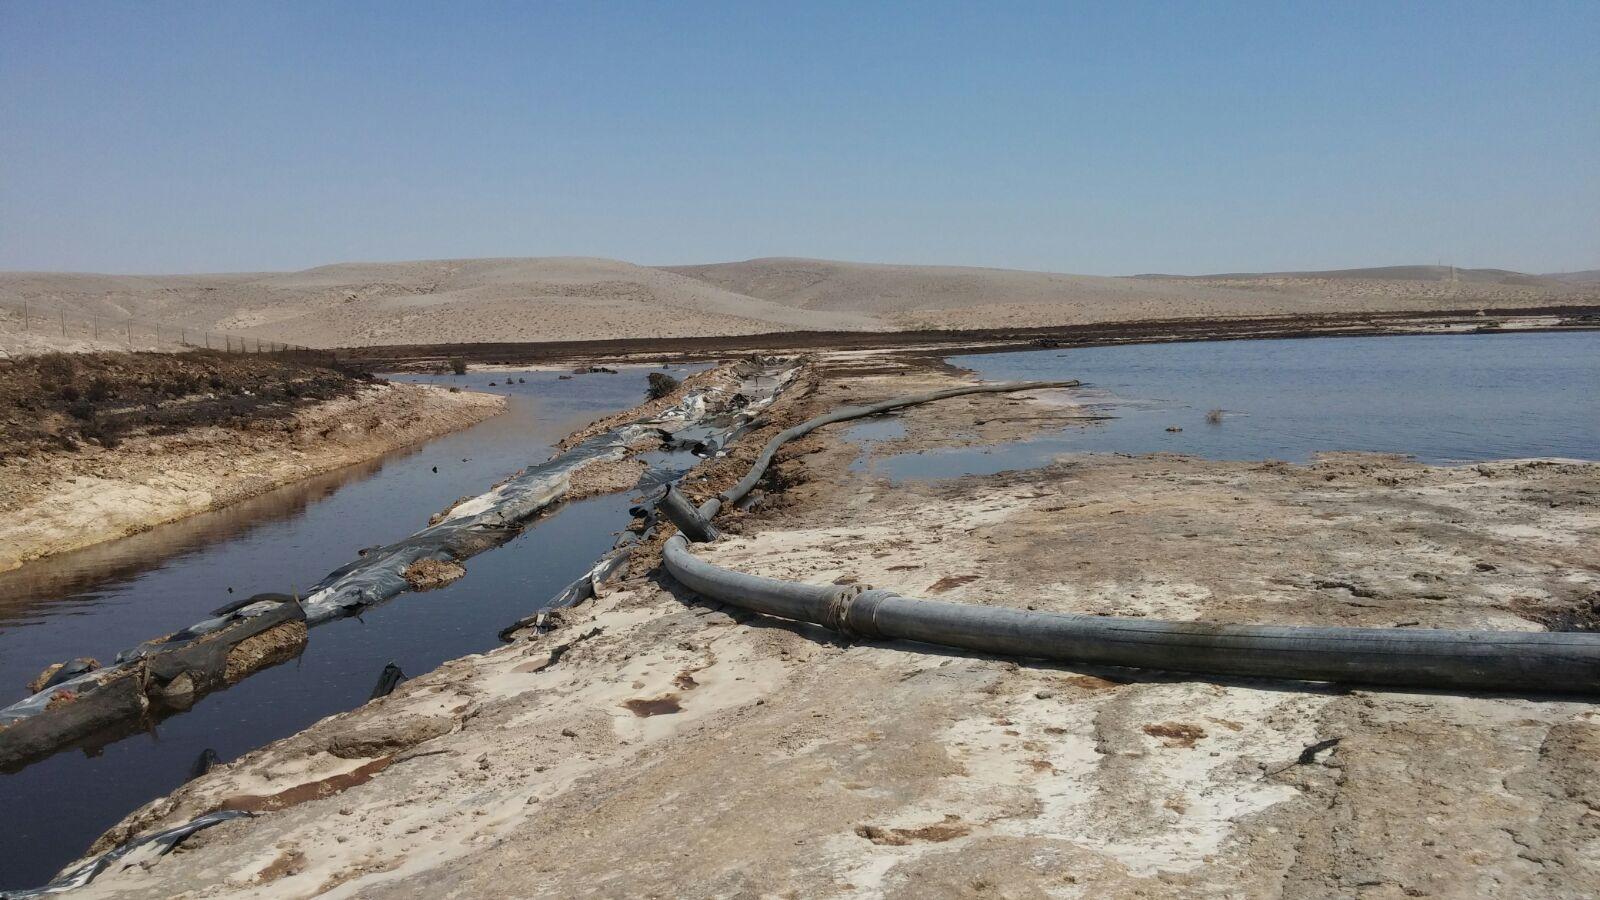 זיהום נחל אשלים / צילום: עודד נצר - המשרד להגנת הסביבה